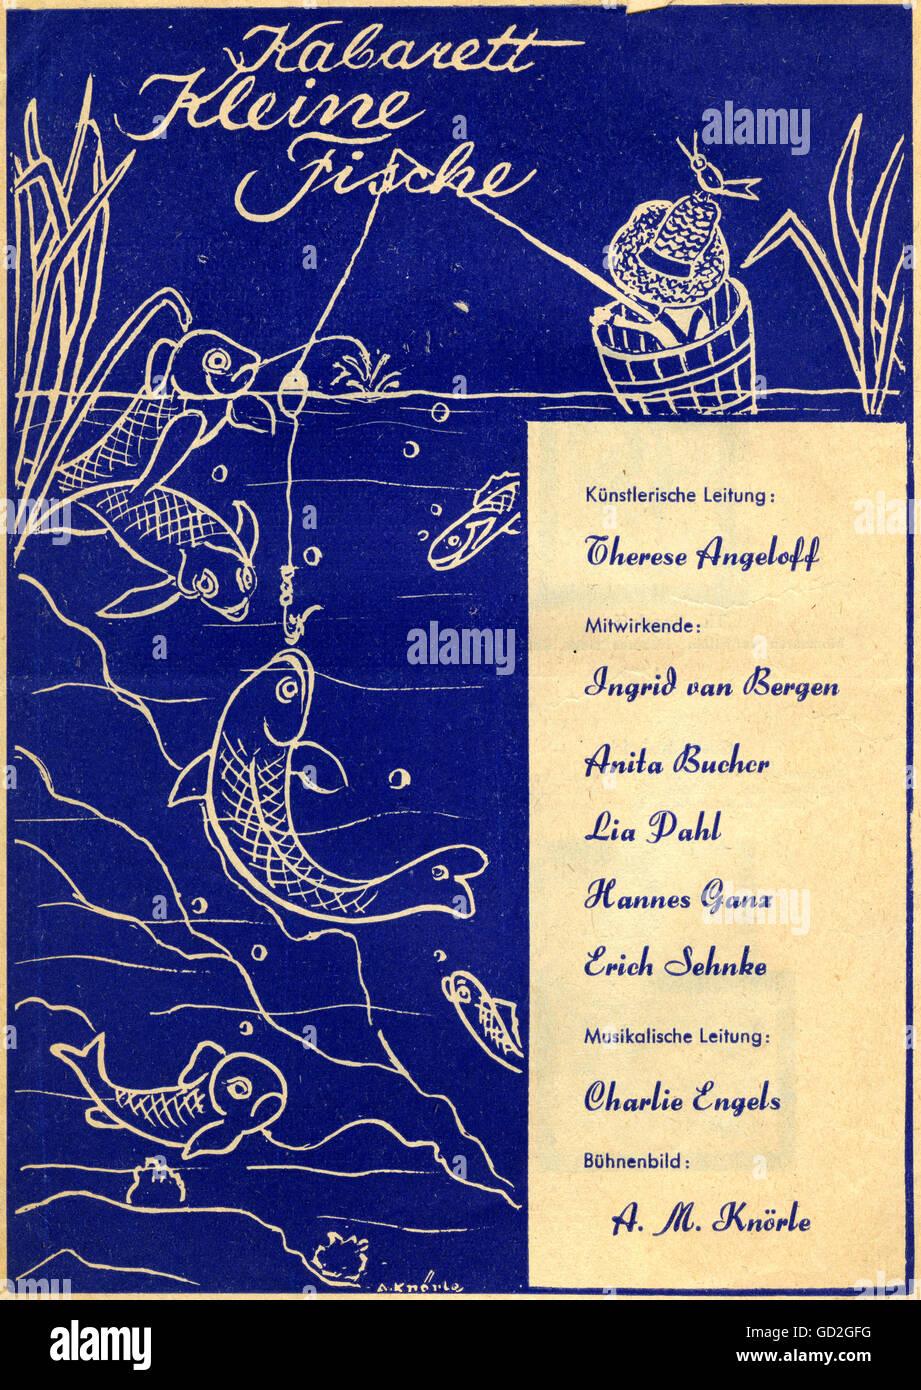 theatre / theater, cabaret, 'Die kleinen Fische' (The little fishes), 'Wir spielen verrückt' - Stock Image